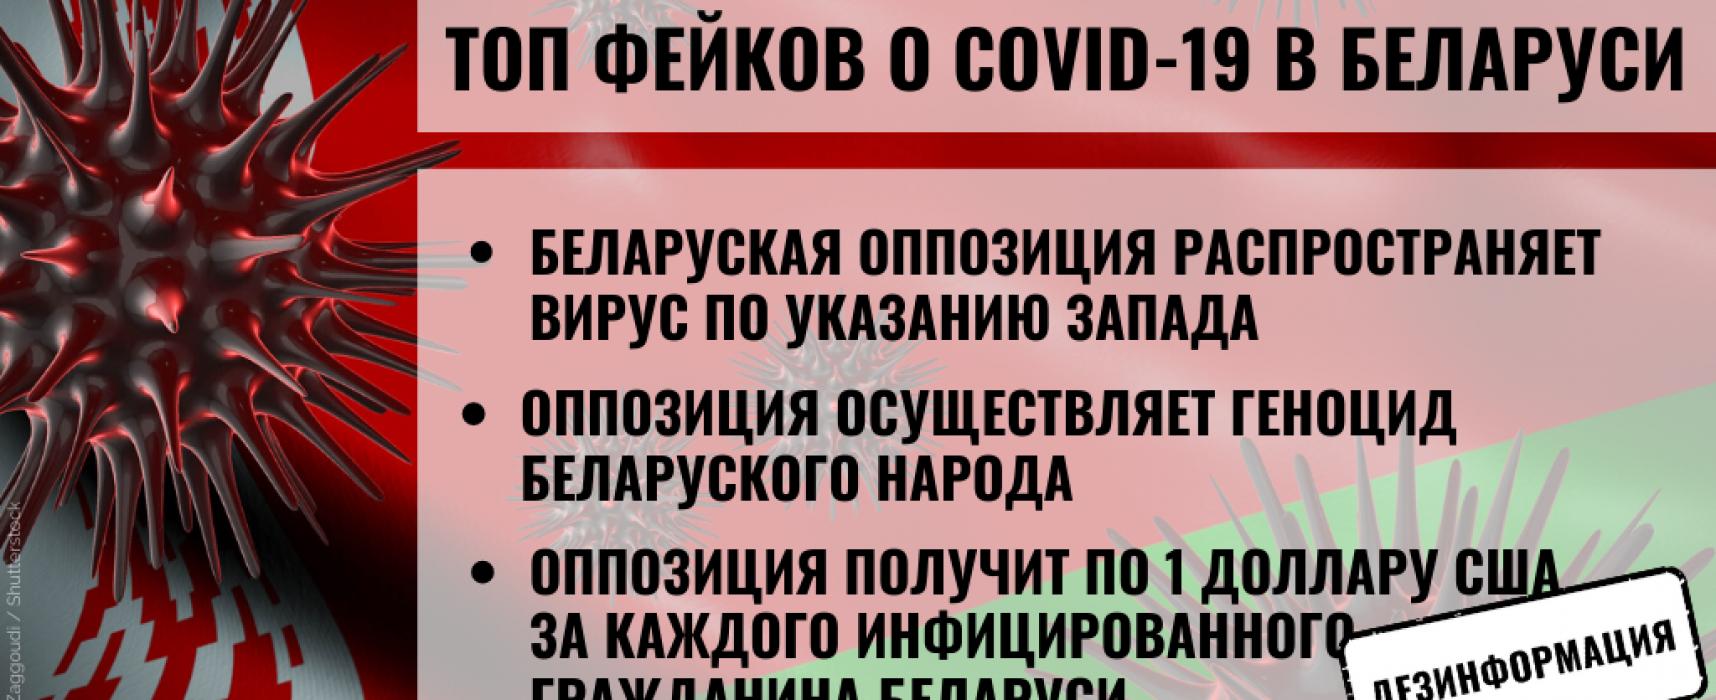 Беларуский подход к вспышке  коронавирусной инфекции